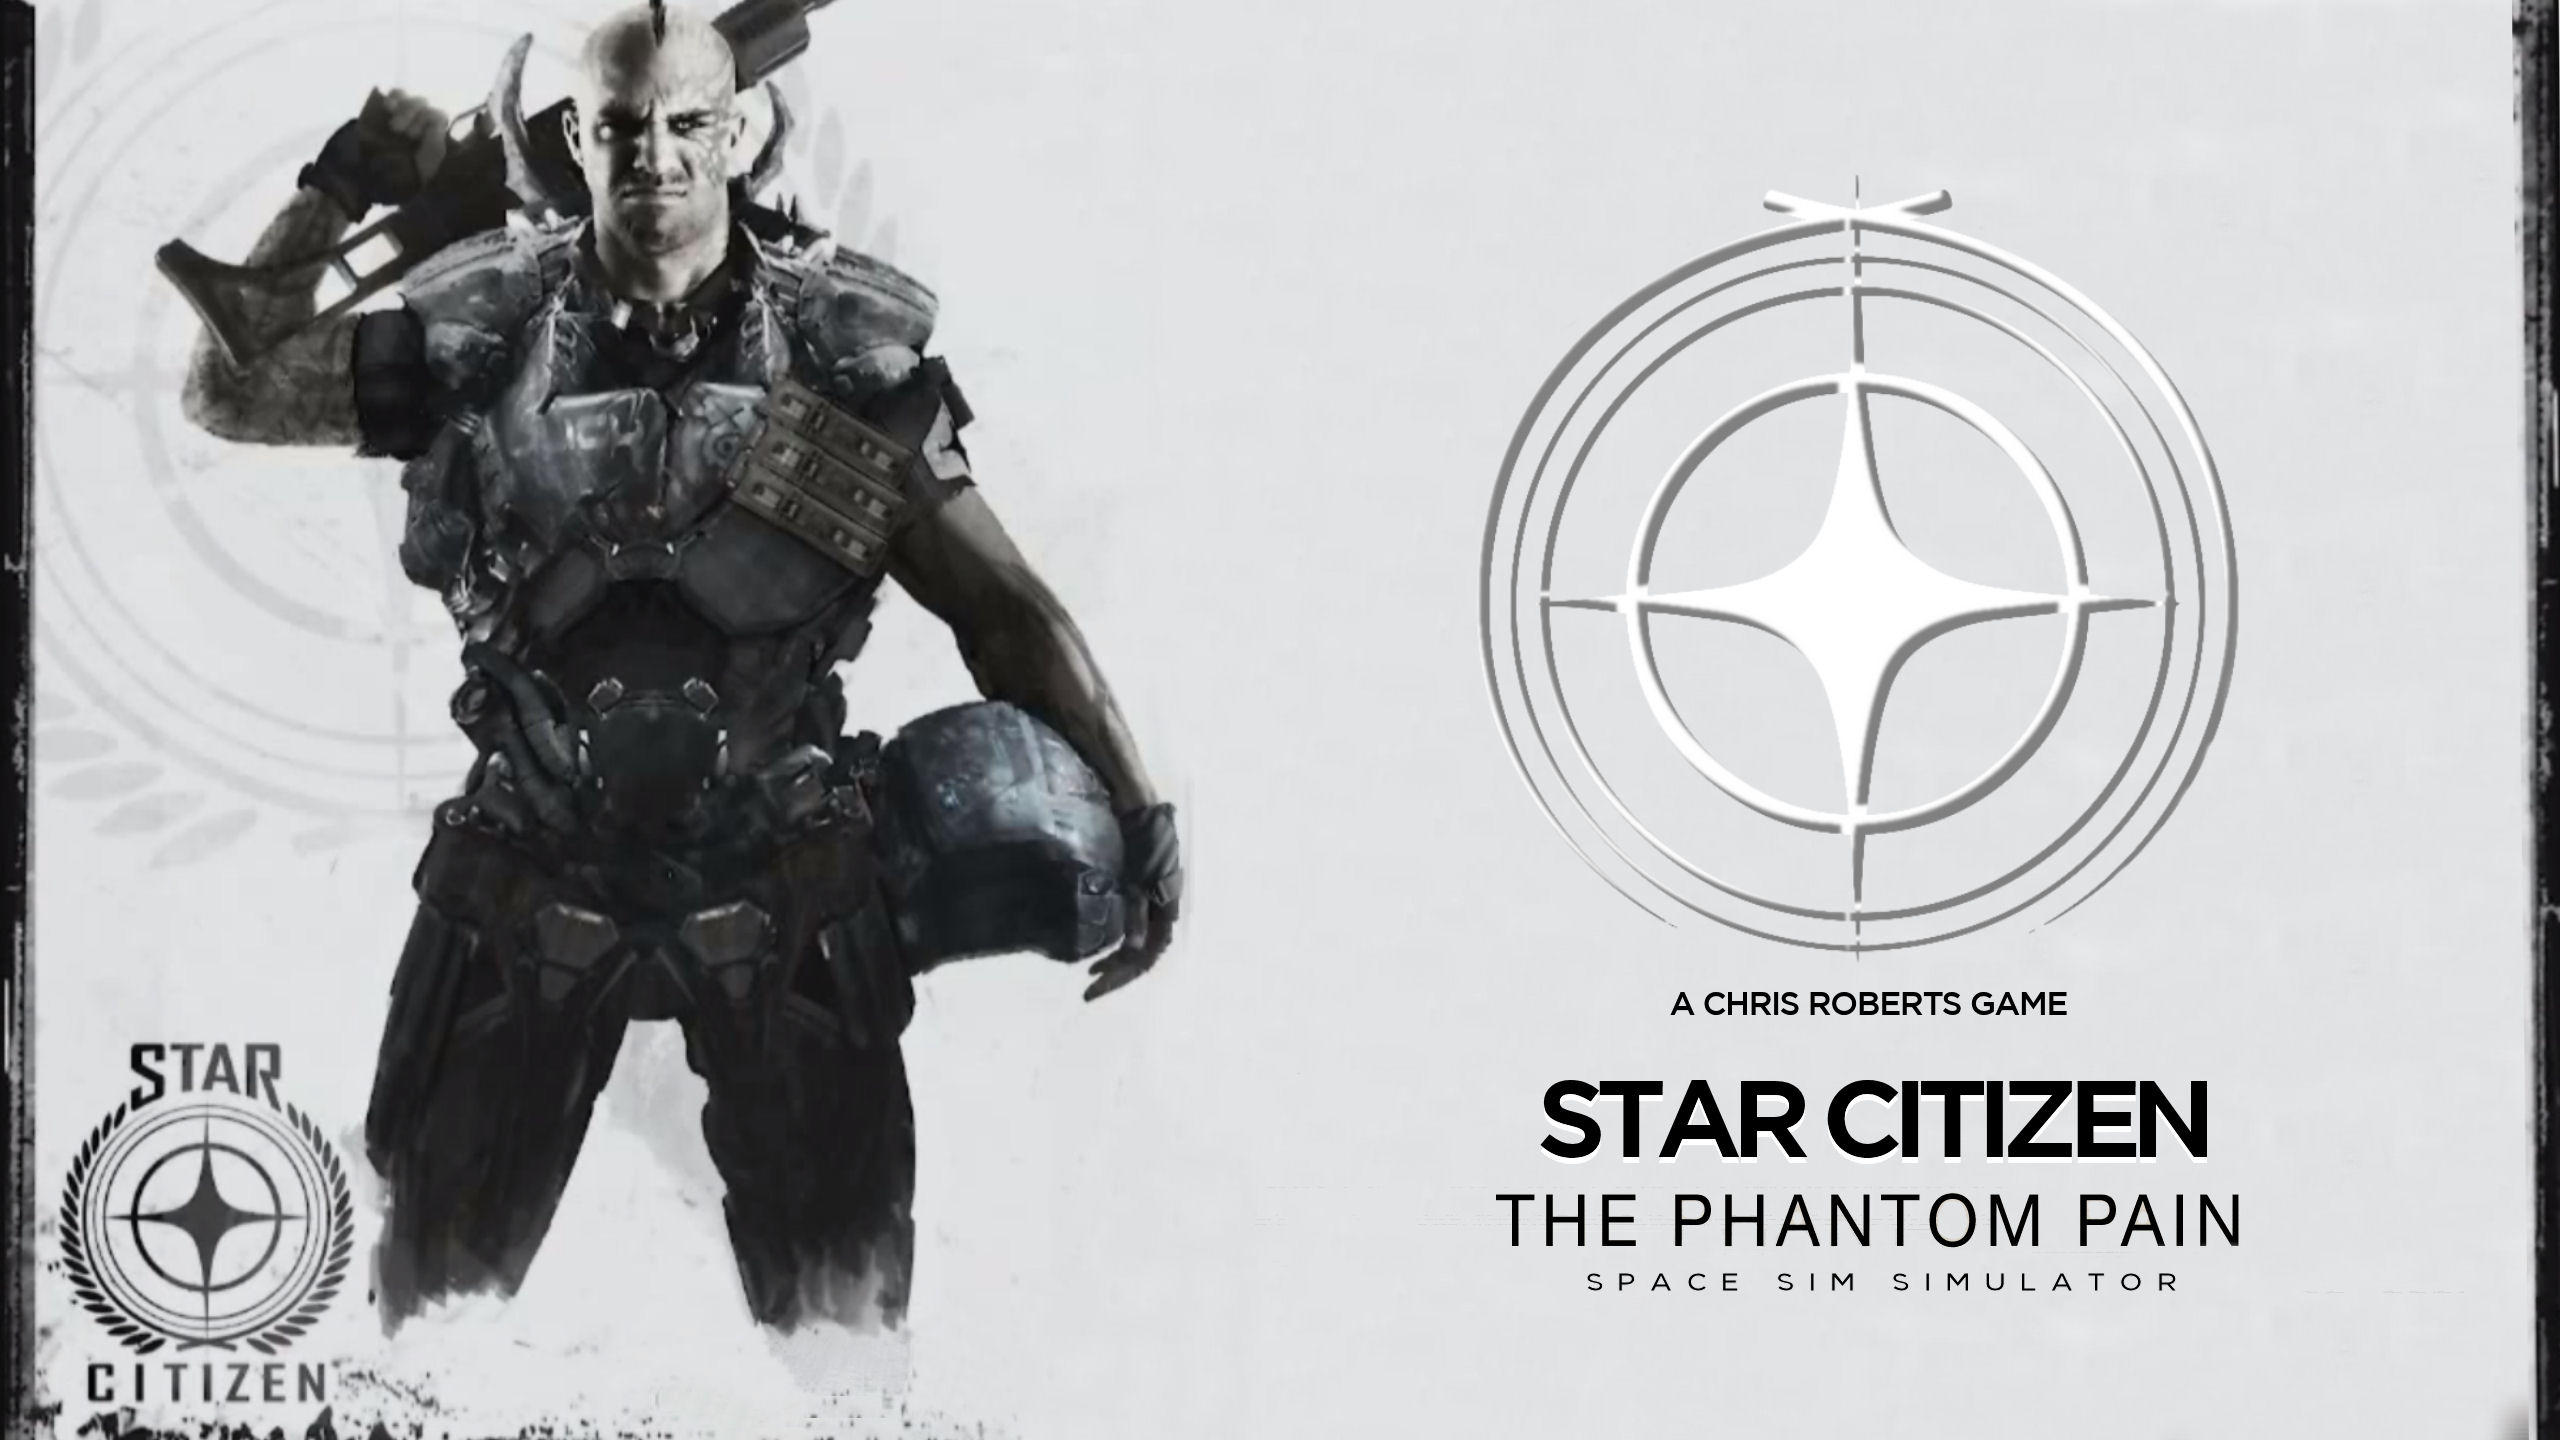 Star Citizen - The Phantom Pain